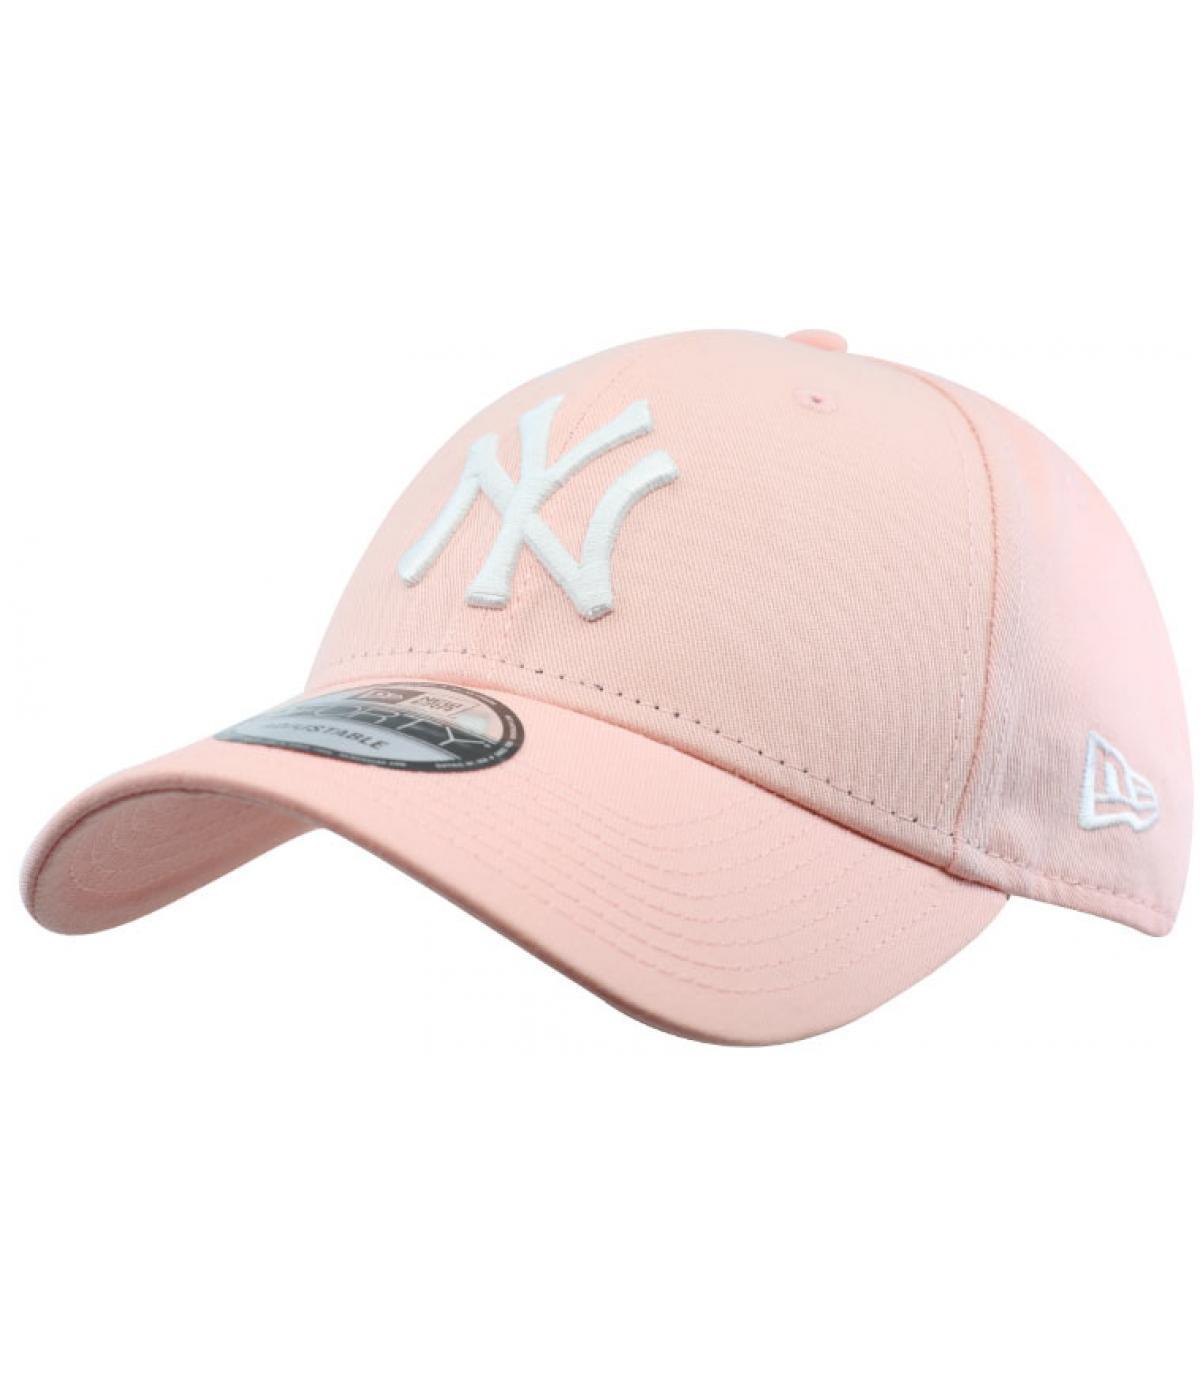 Détails Casquette League Ess 9Forty NY pink lemonade - image 2